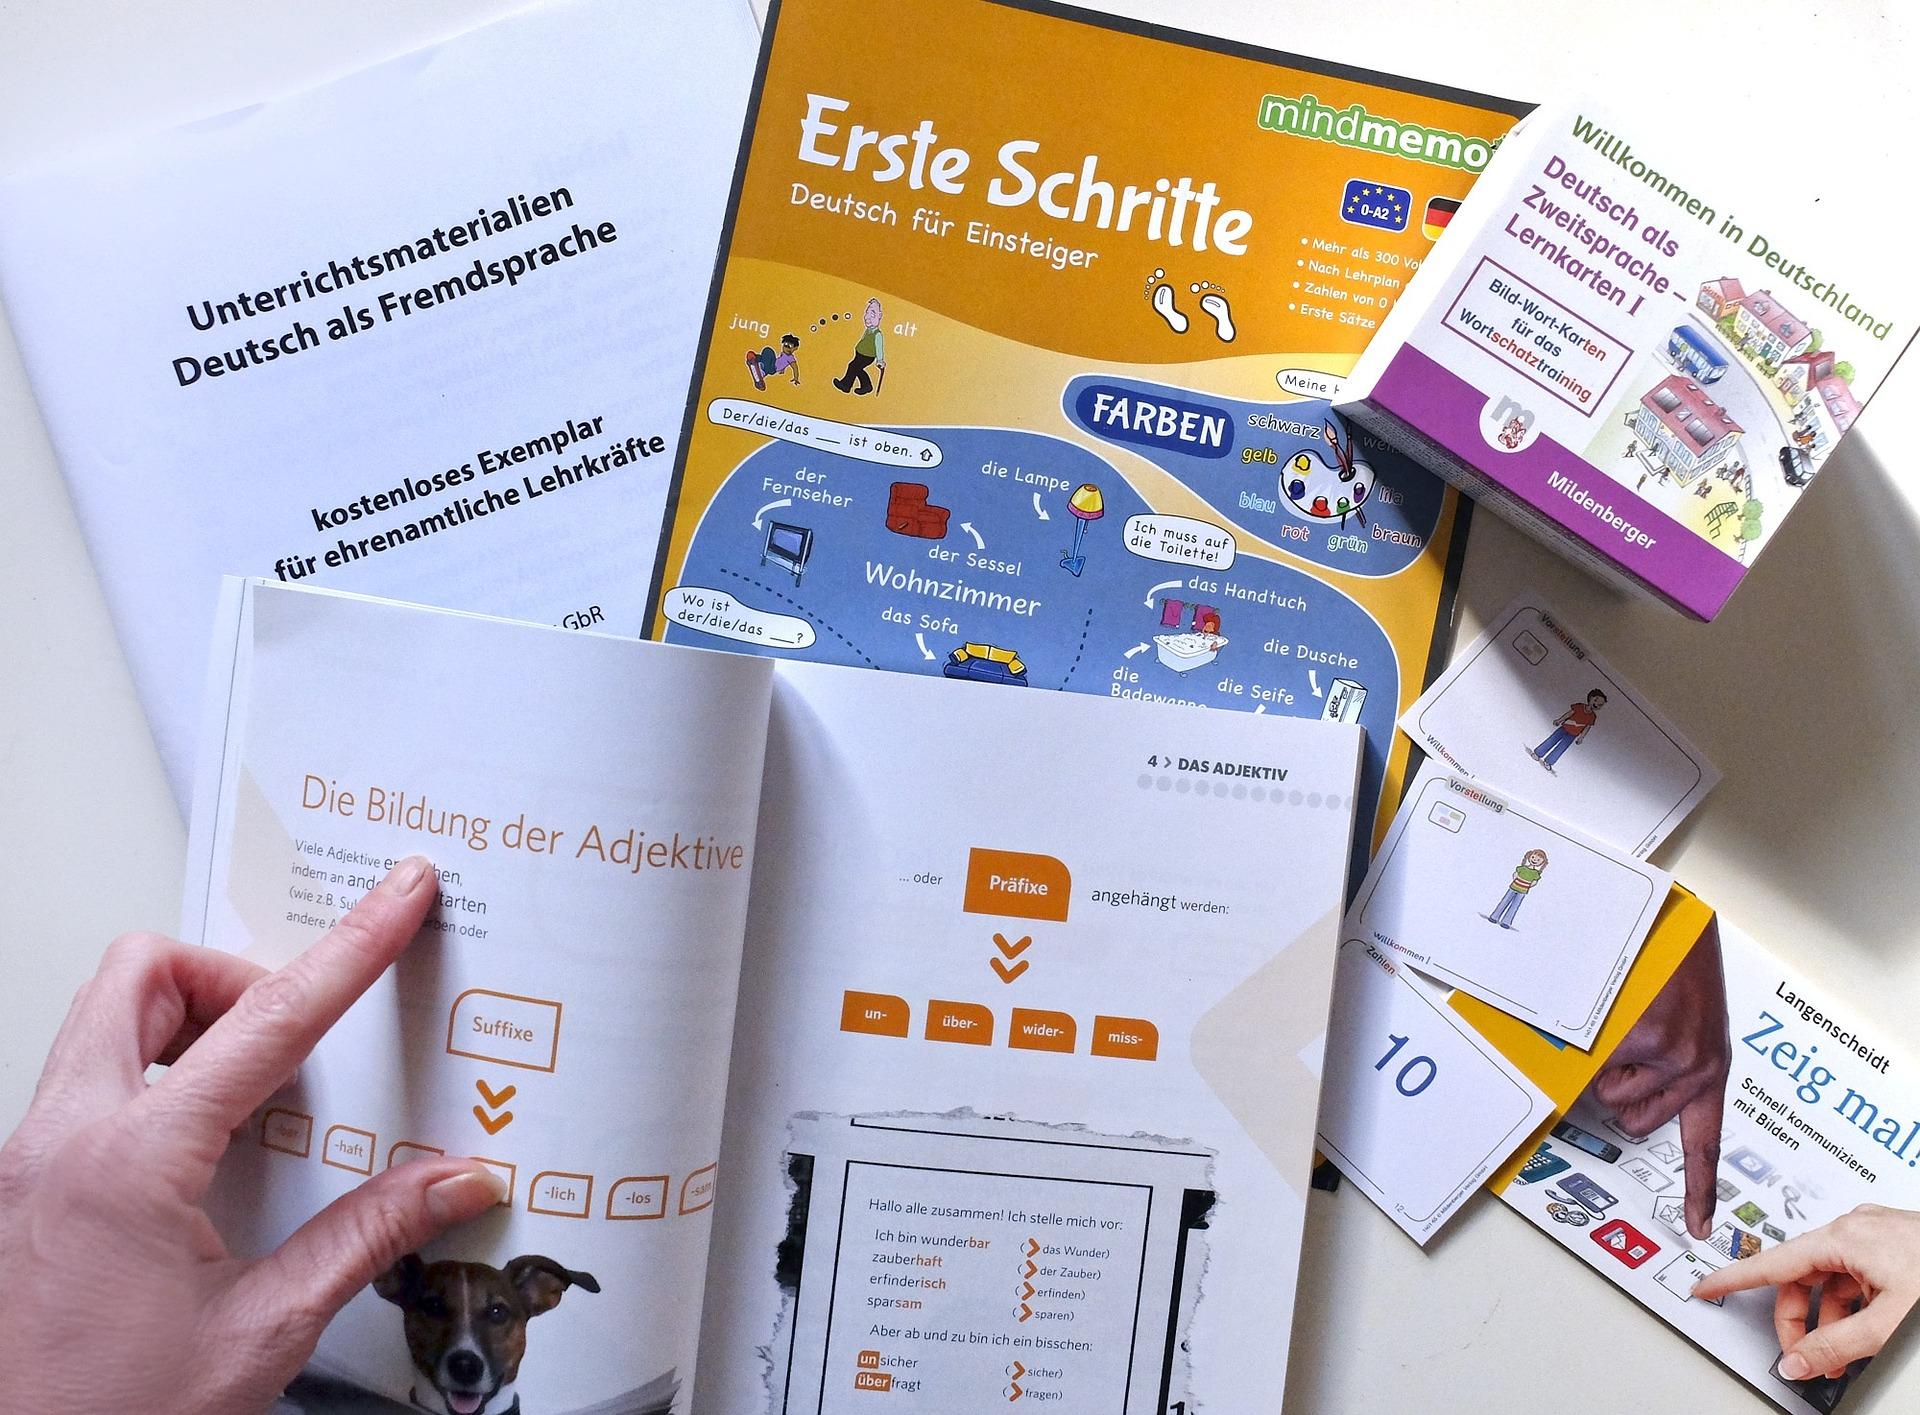 Mesa com vários materiais impressos para o estudo do idioma alemão.